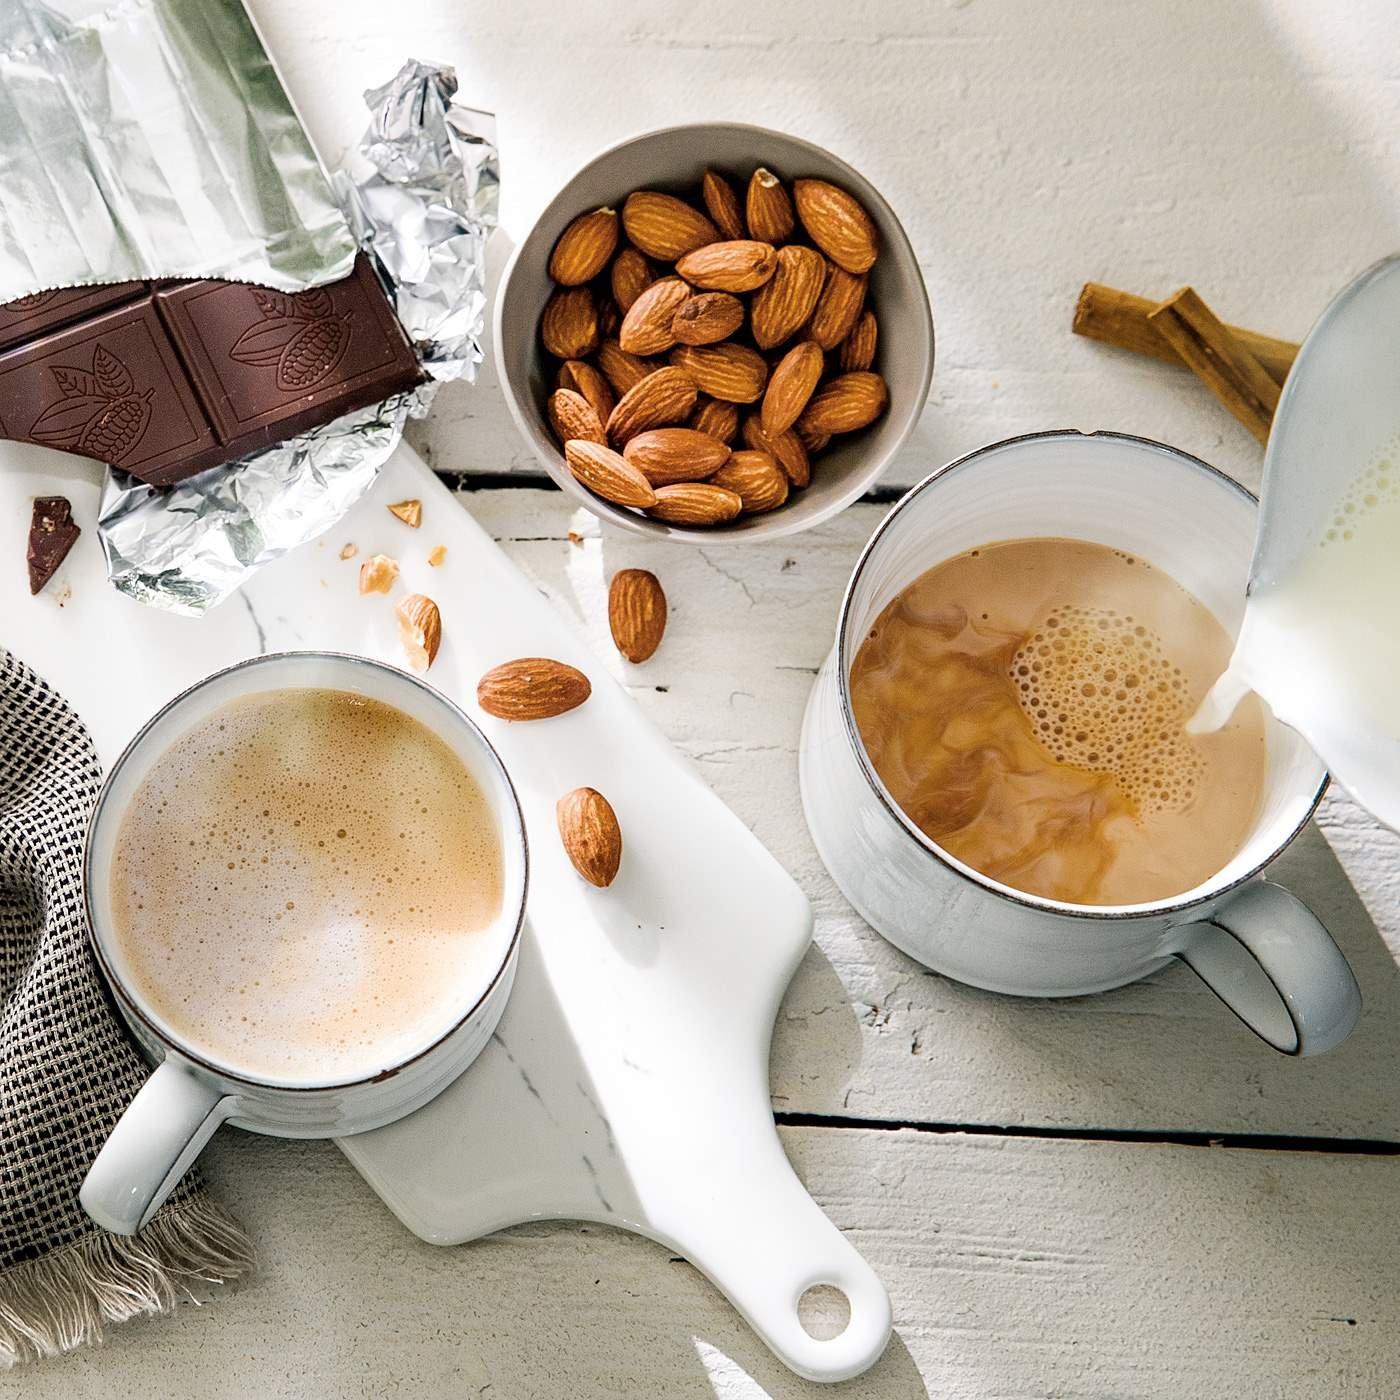 スイーツみたいなラインナップ! 紅茶の国スリランカの本格ラテティーの会(6回予約)